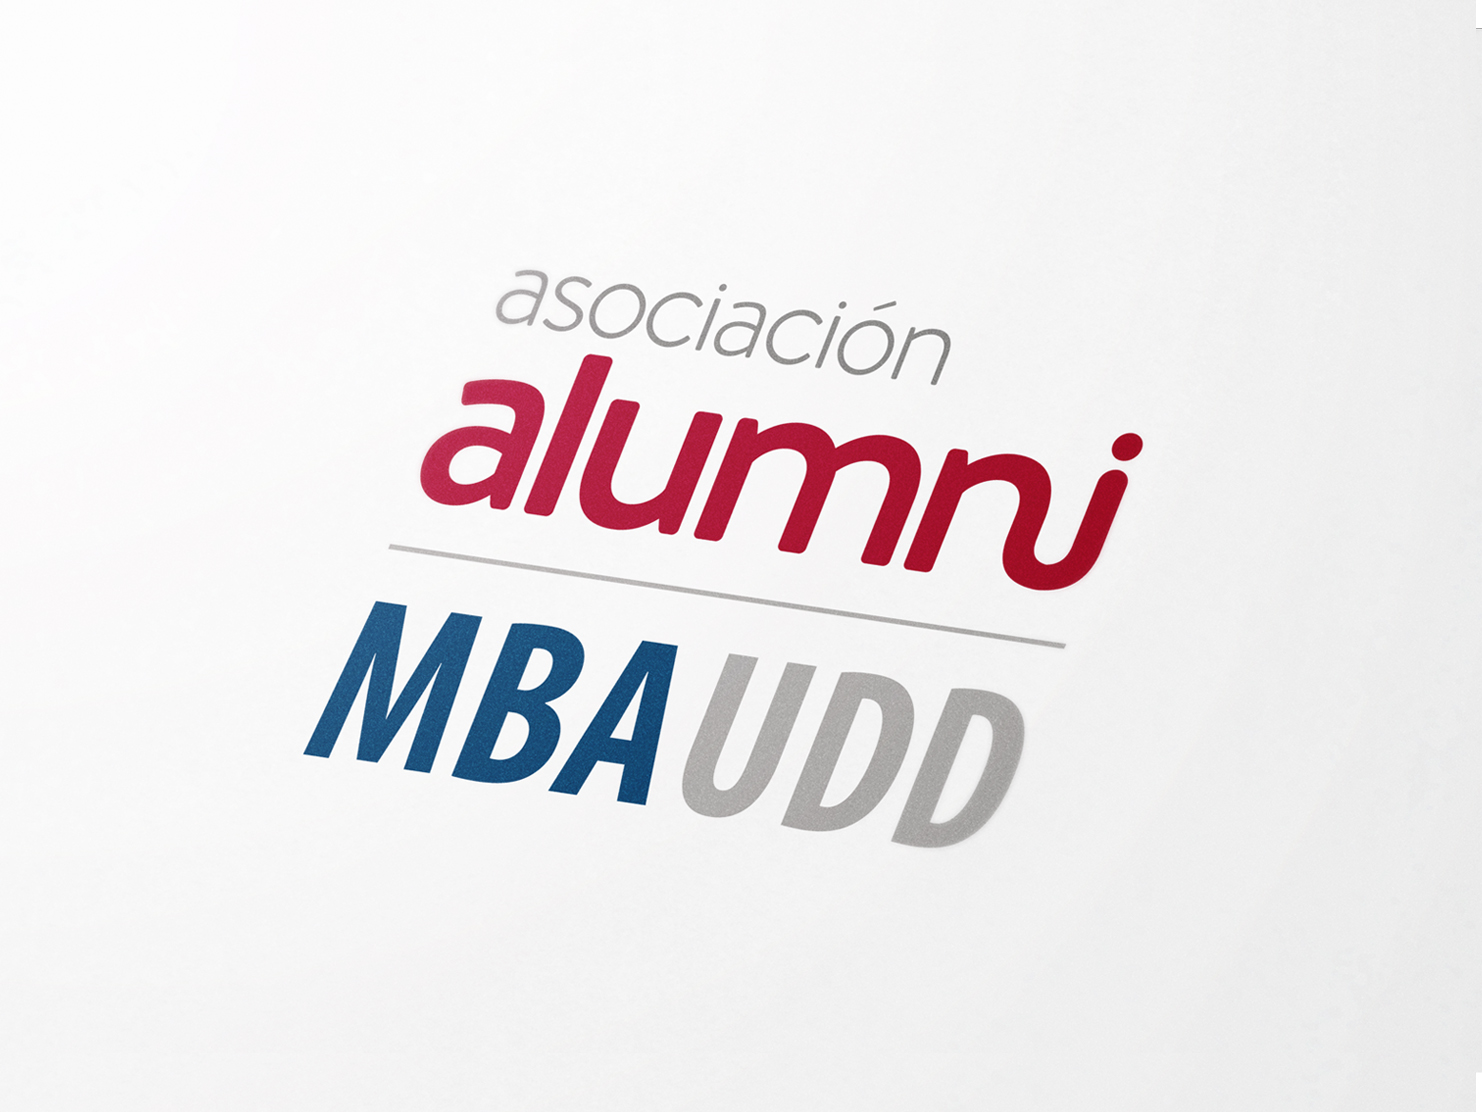 2-Alumni-mba-udd-2